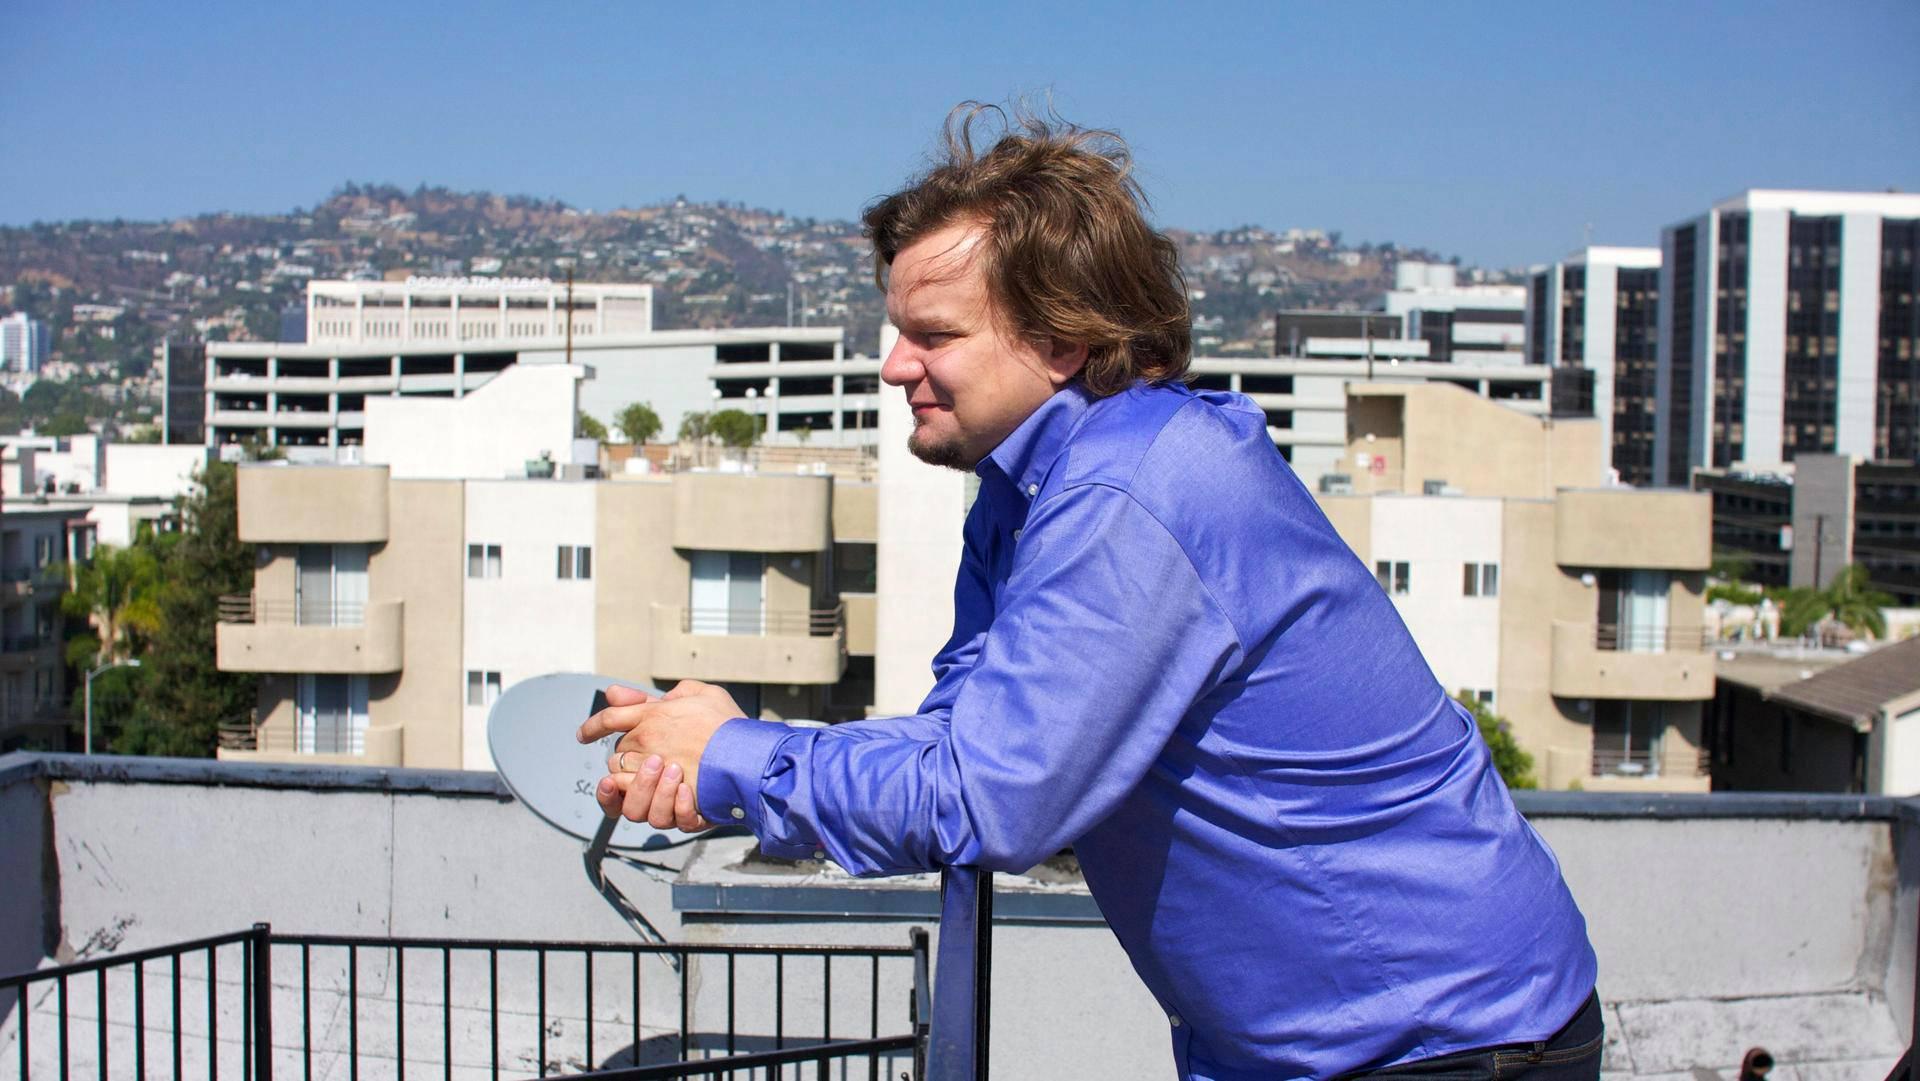 Ismo Leikola asuu vaimonsa ja koiransa kanssa Länsi-Hollywoodissa kerrostalossa, jossa on talon yhteinen kattoterassi.